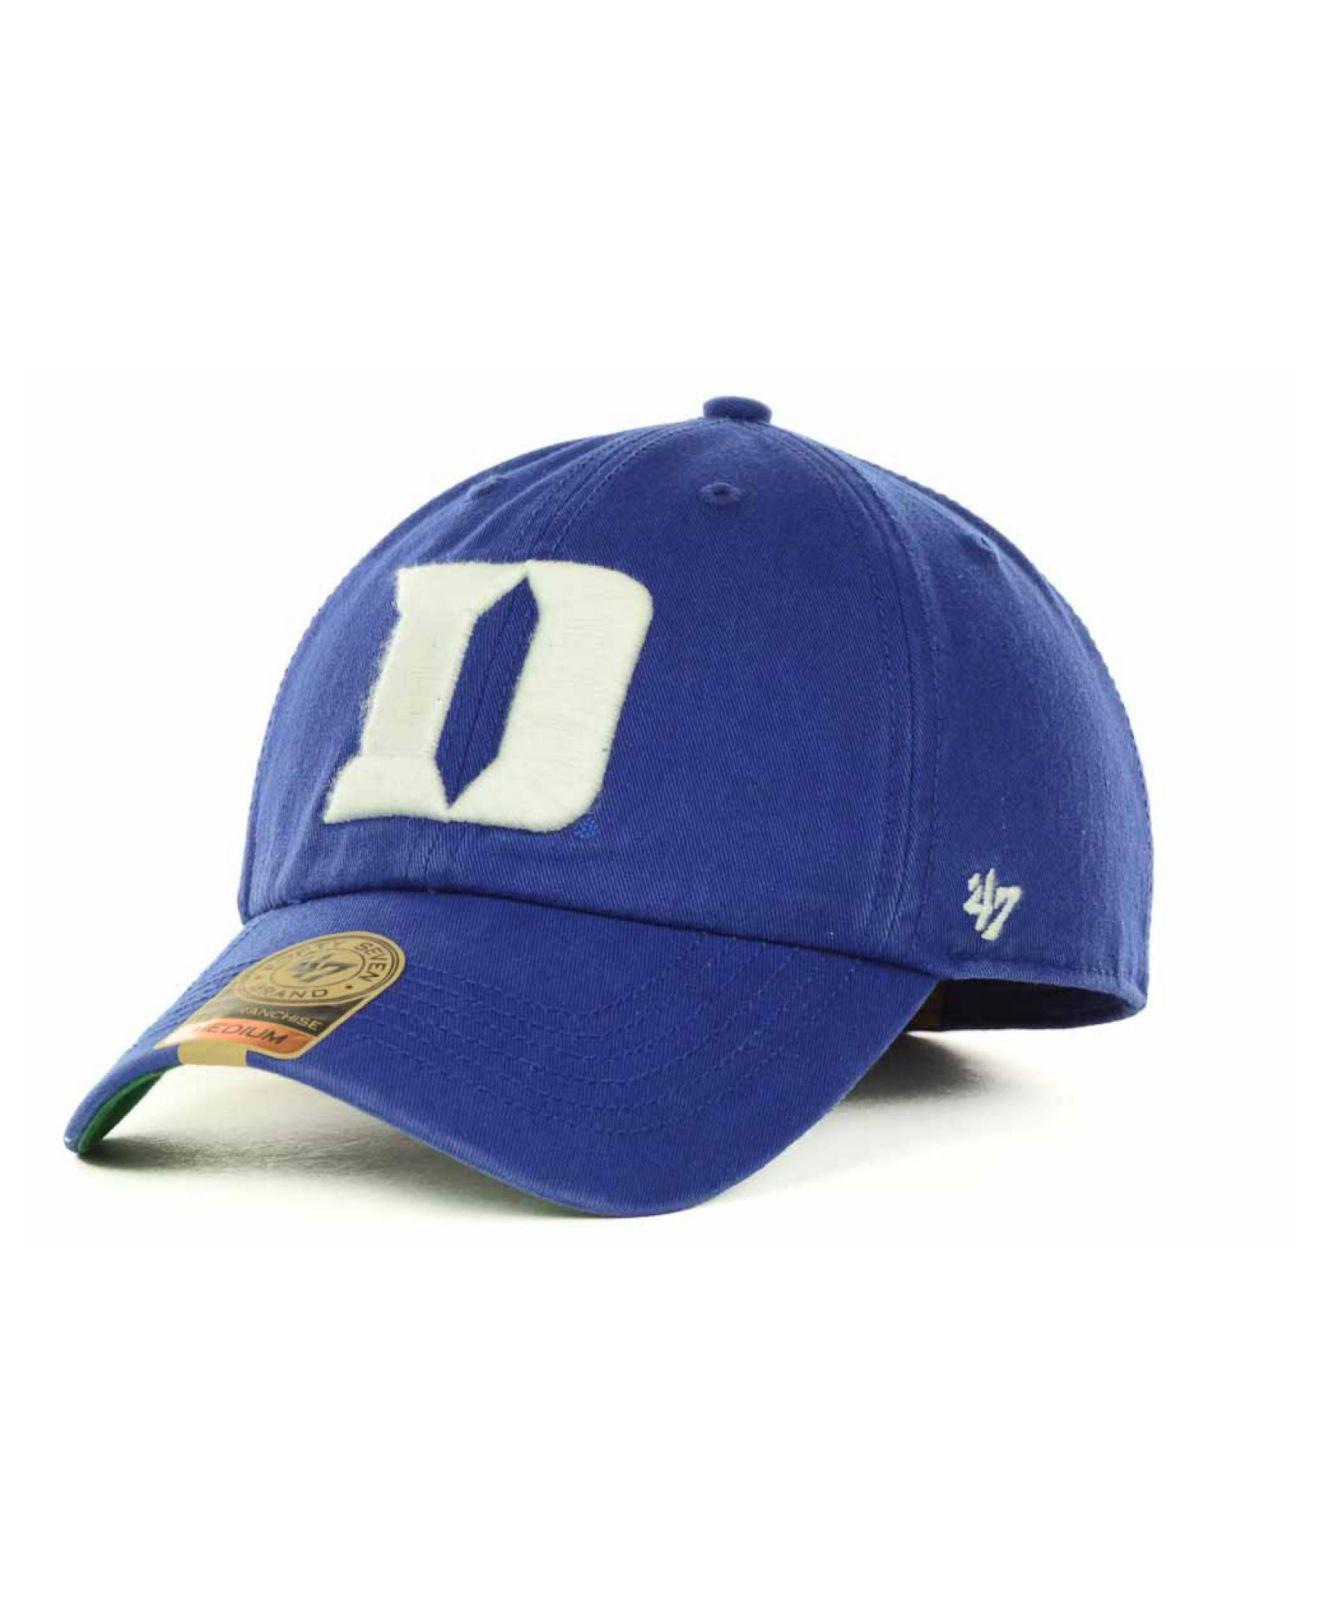 buy online 7d00a f65b7 ... clean up cap d41e6 e99bd  cheap lyst 47 brand duke blue devils  franchise cap in blue for men 9798b c3243